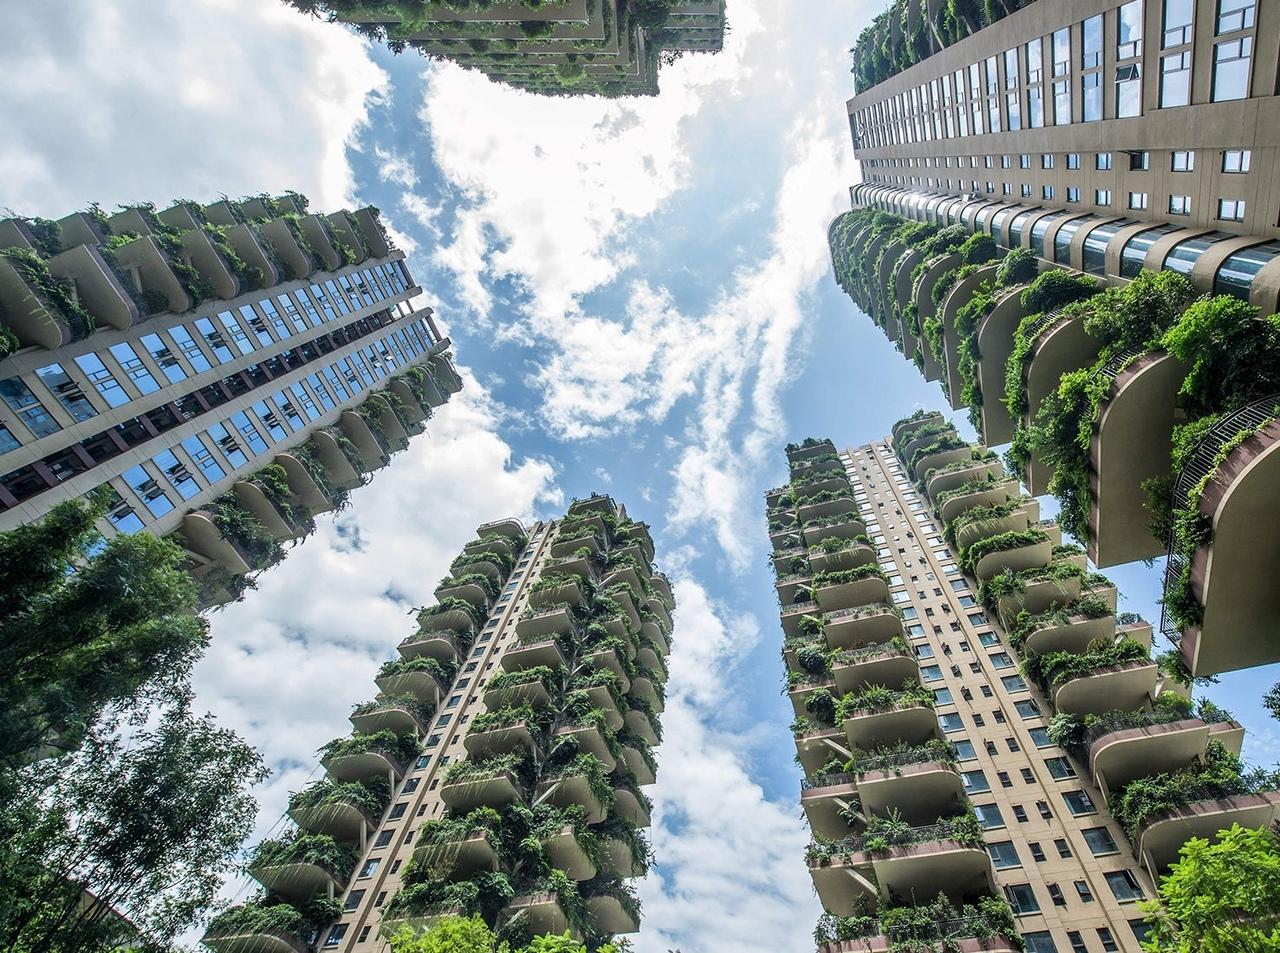 Жилой комплекс в Чэнду: феномен вертикального озеленения